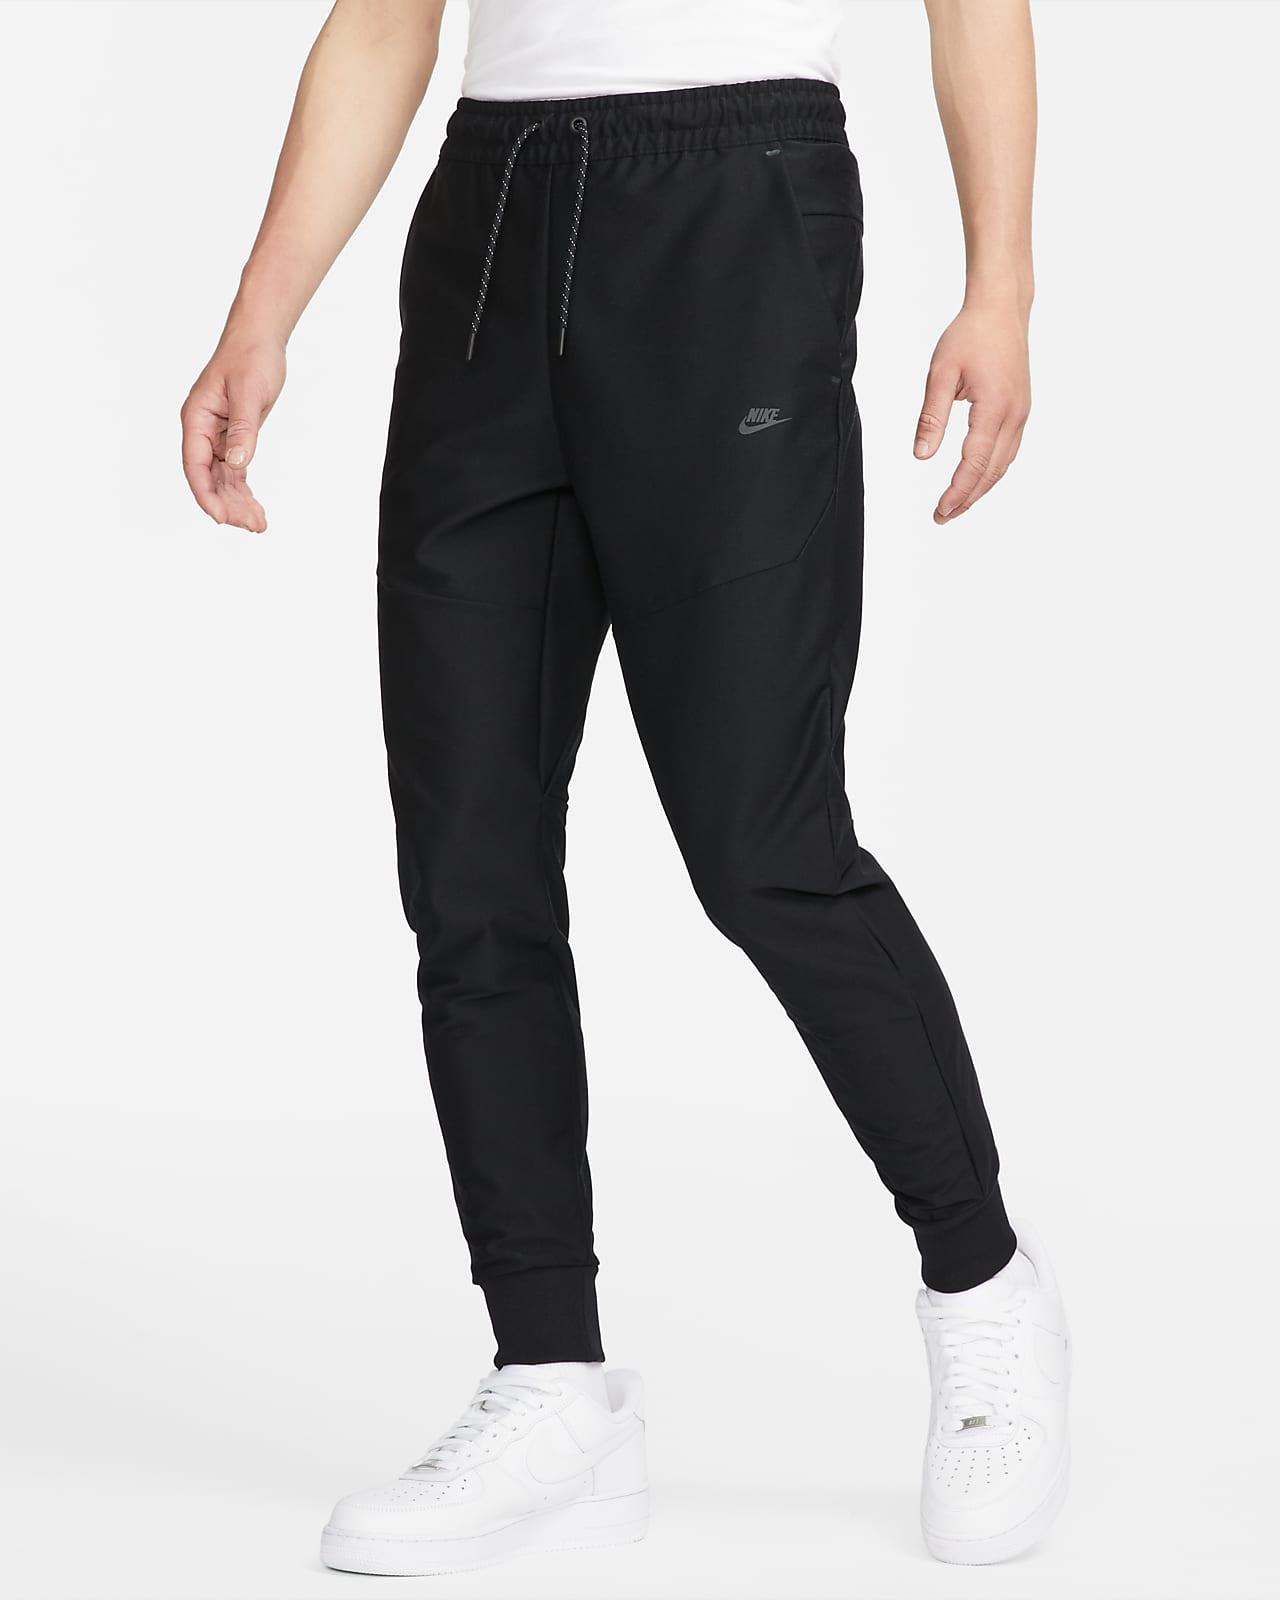 Nike Sportswear Dri-FIT Tech Pack Men's Unlined Tracksuit Bottoms